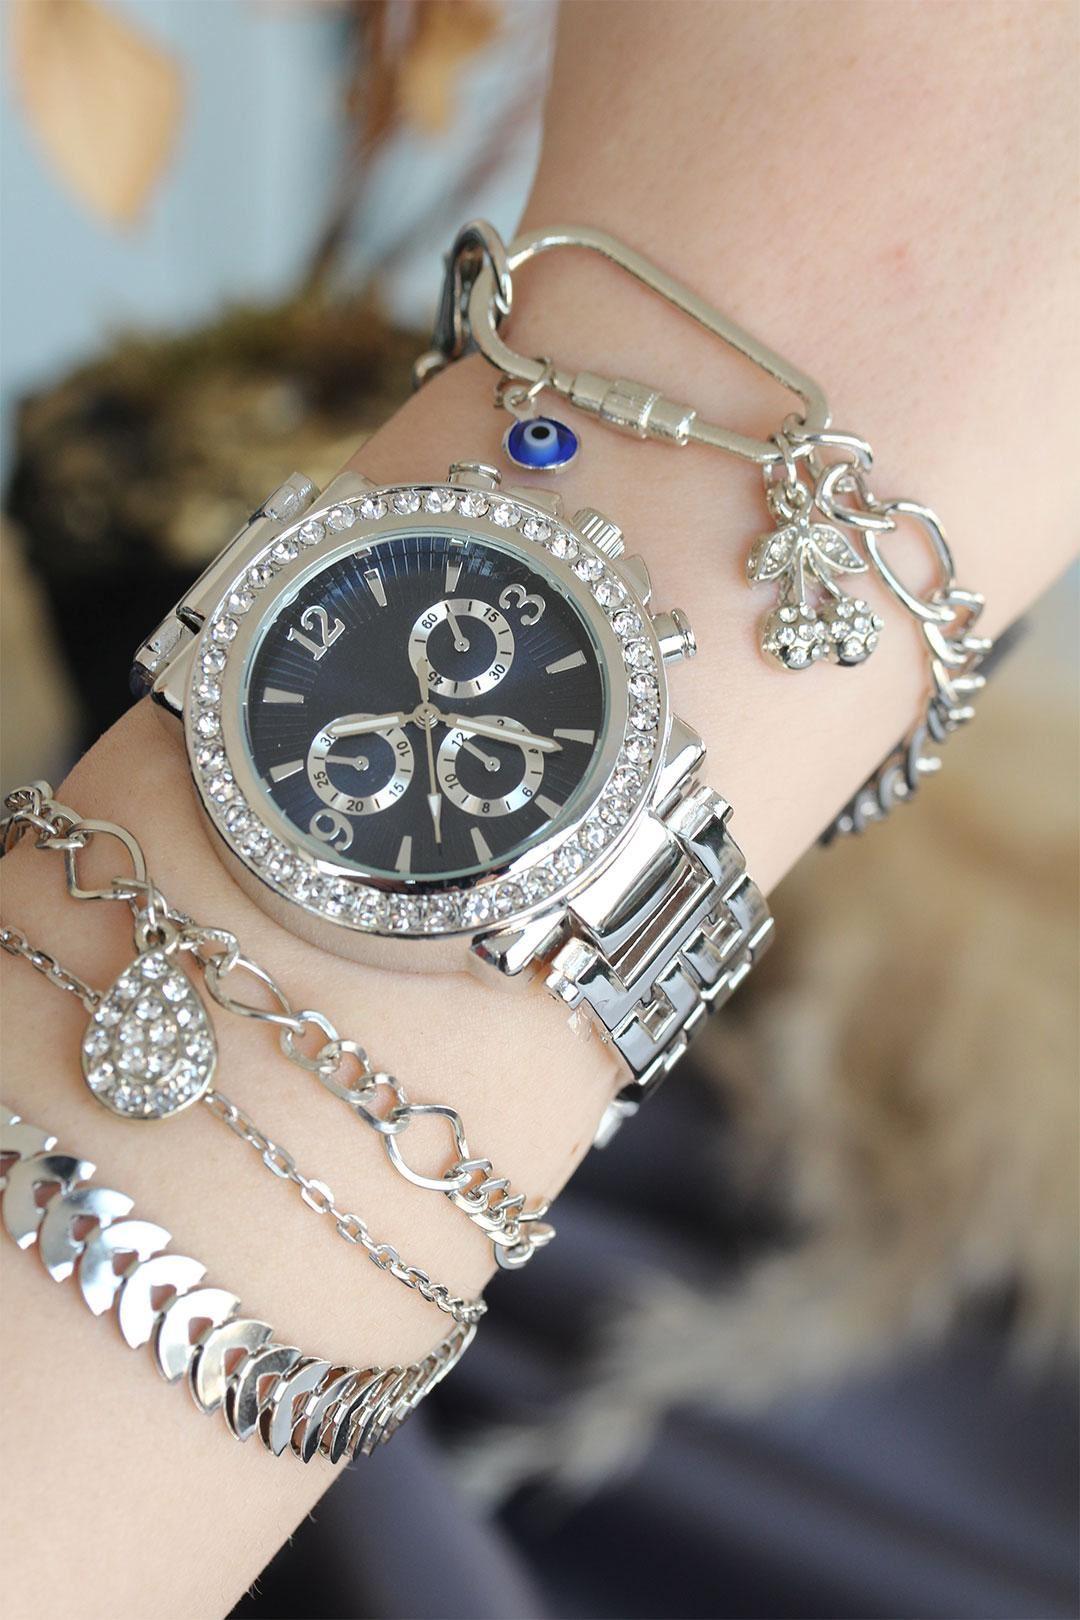 Gümüş Renk Metal Taşlı Kasa Mavi Kadran Kadın Saat ve Bileklik Kombini